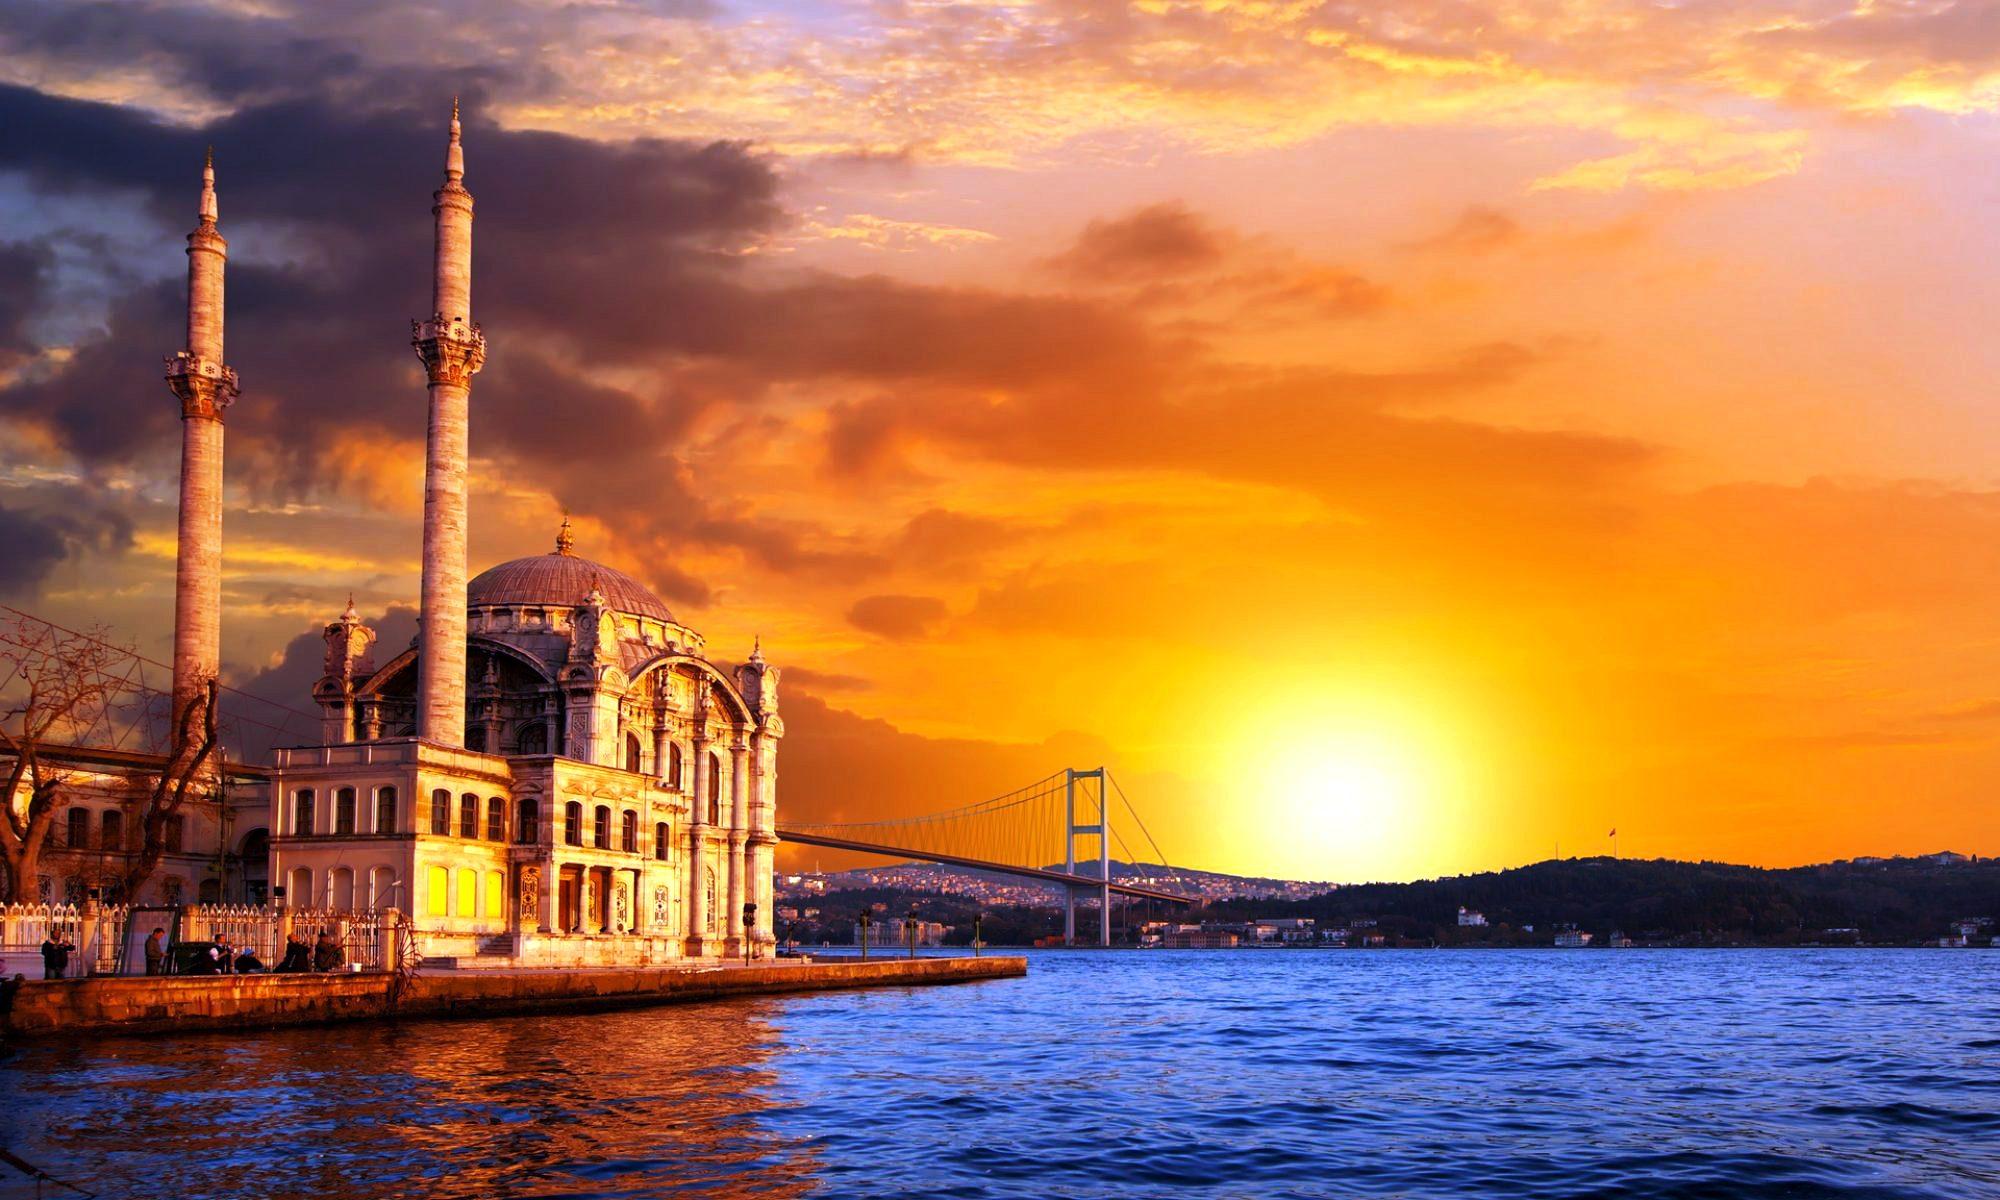 стамбульский закат